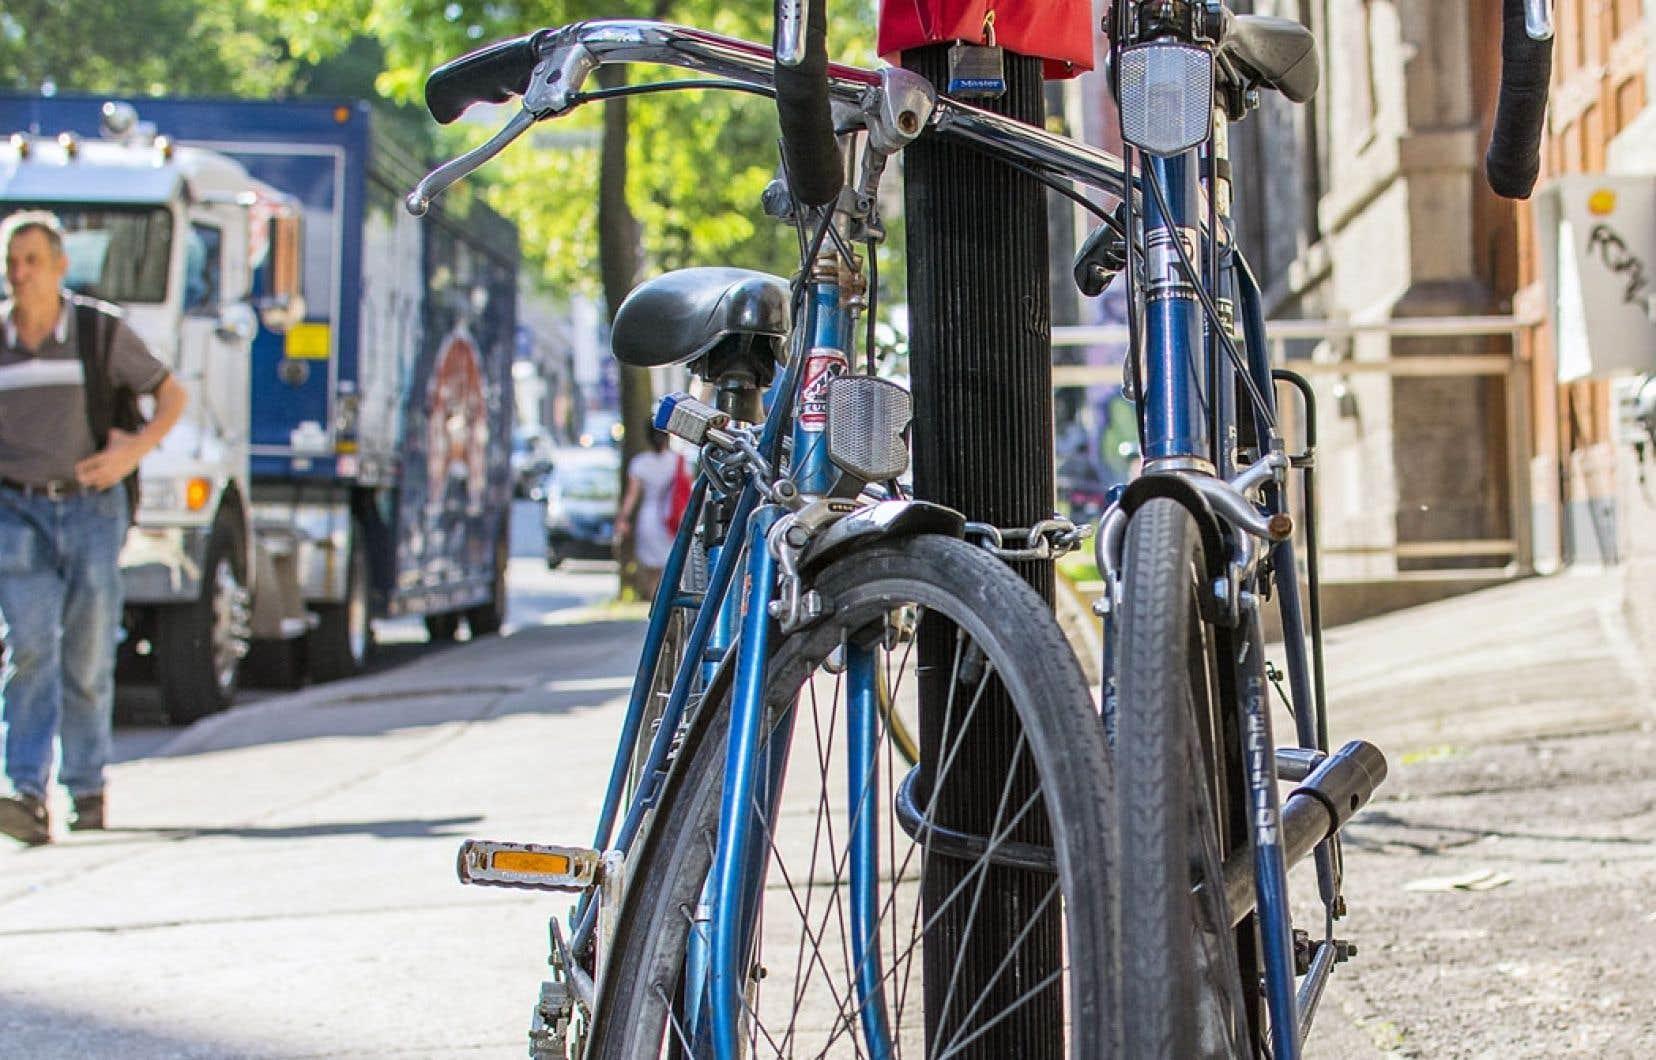 L'article 27 du règlement municipal de la Ville interdit l'usage du mobilier urbain pour attacher son vélo.